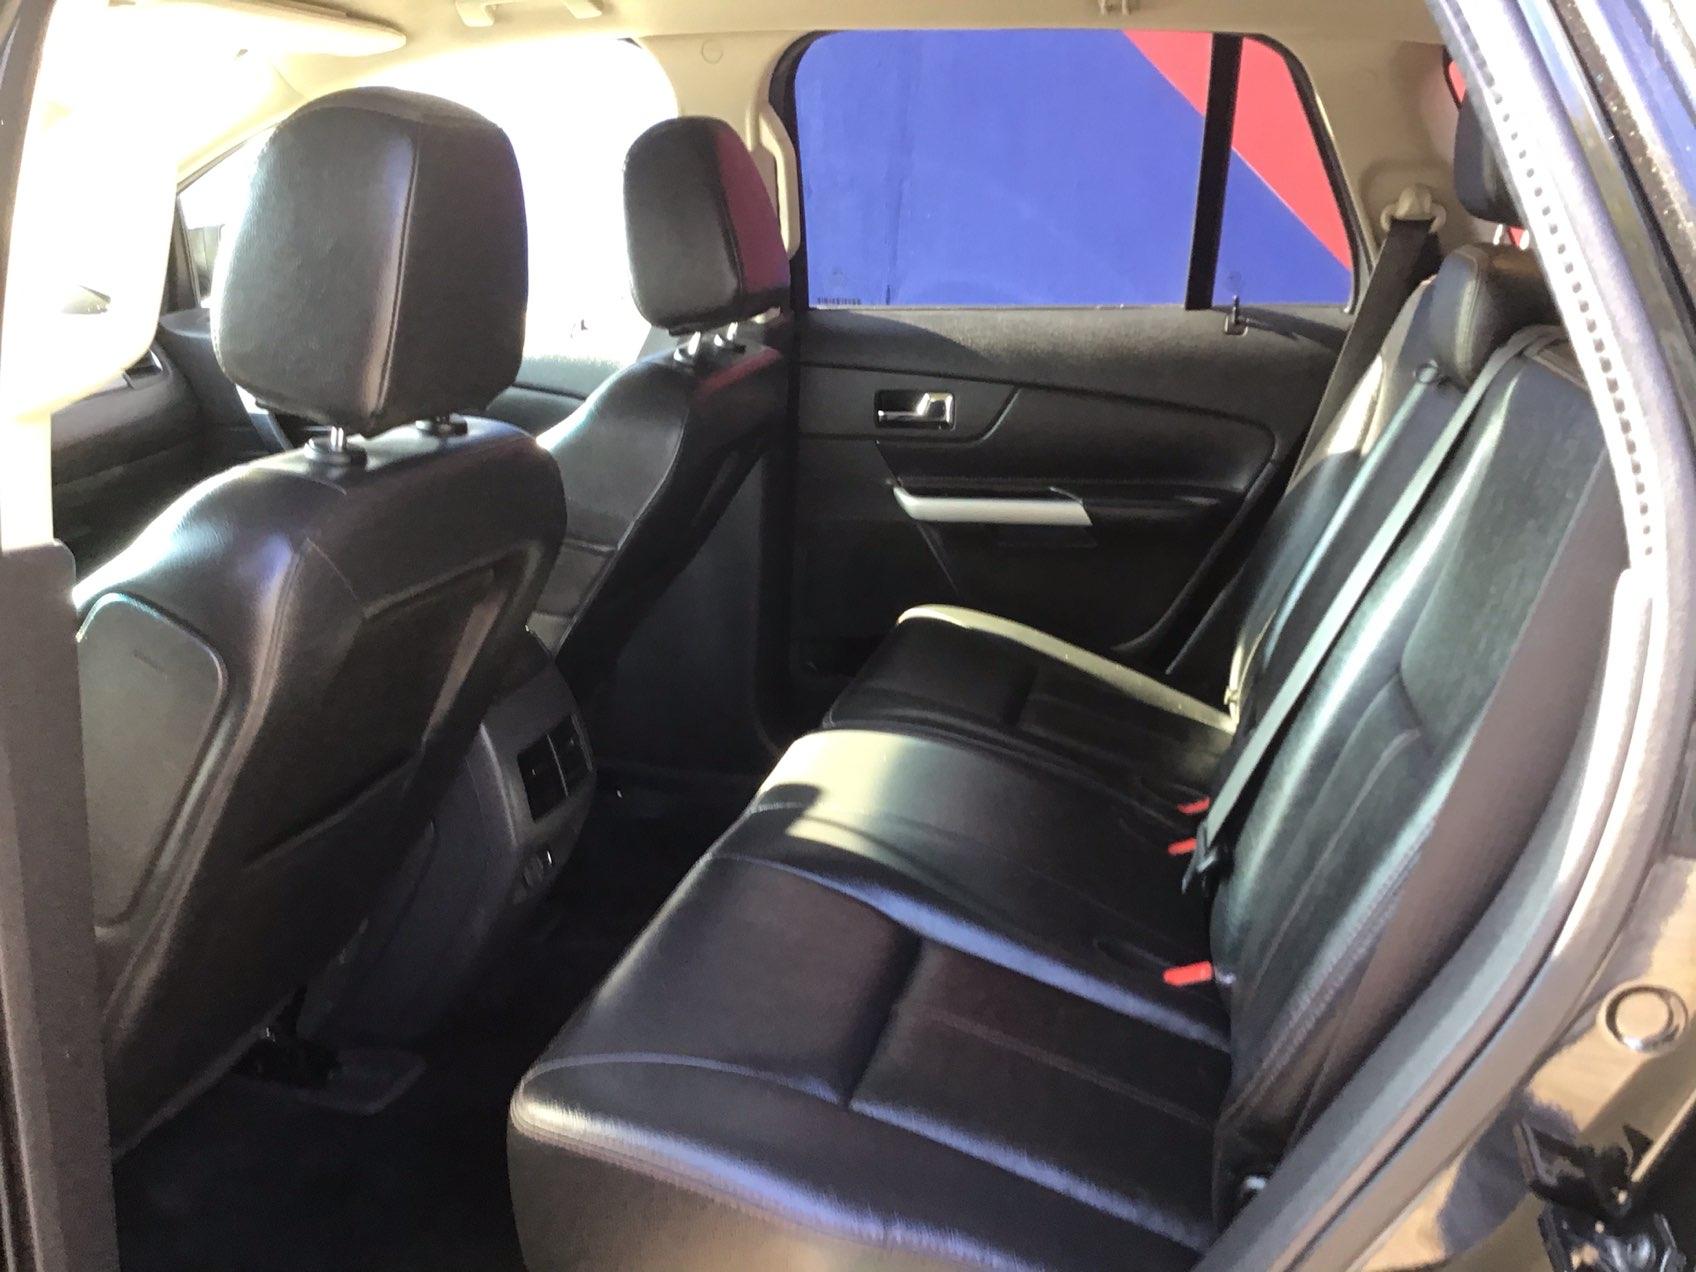 used vehicle - SUV FORD EDGE 2014